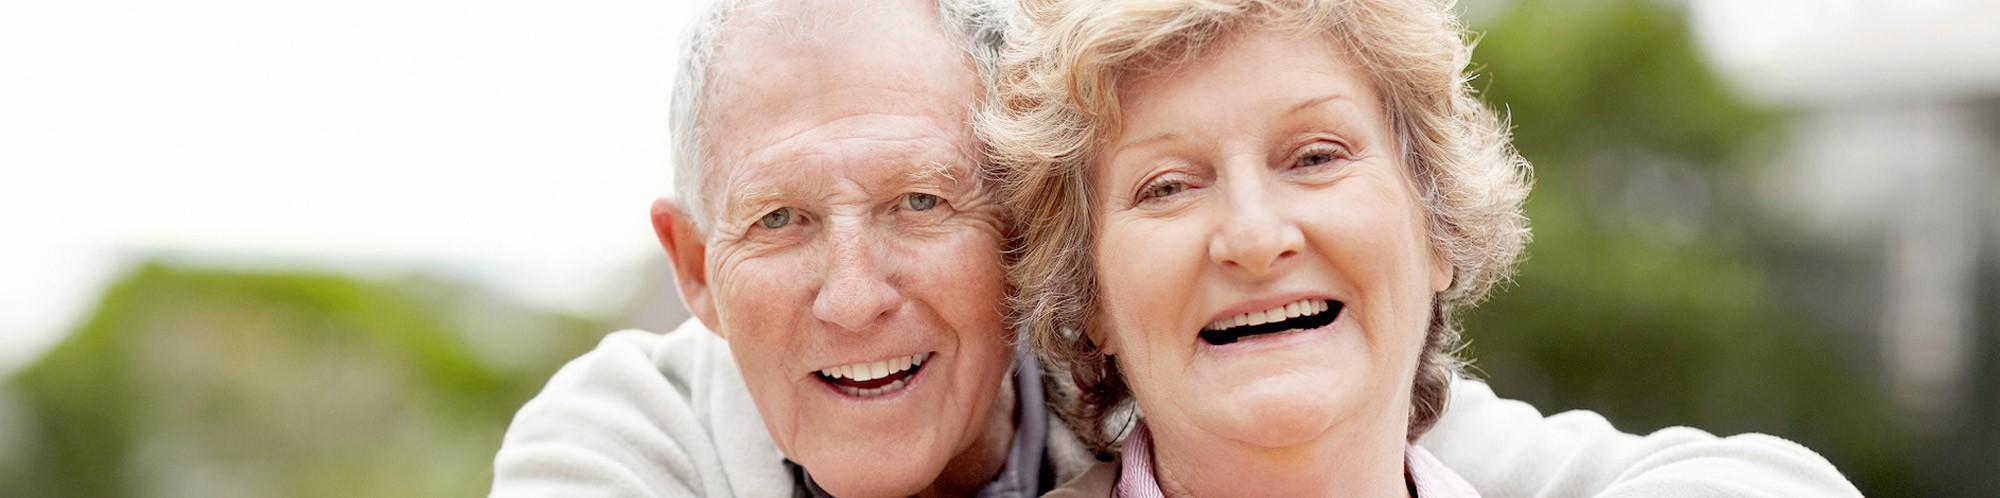 cuidadores de idosos-anjo-enfermagem